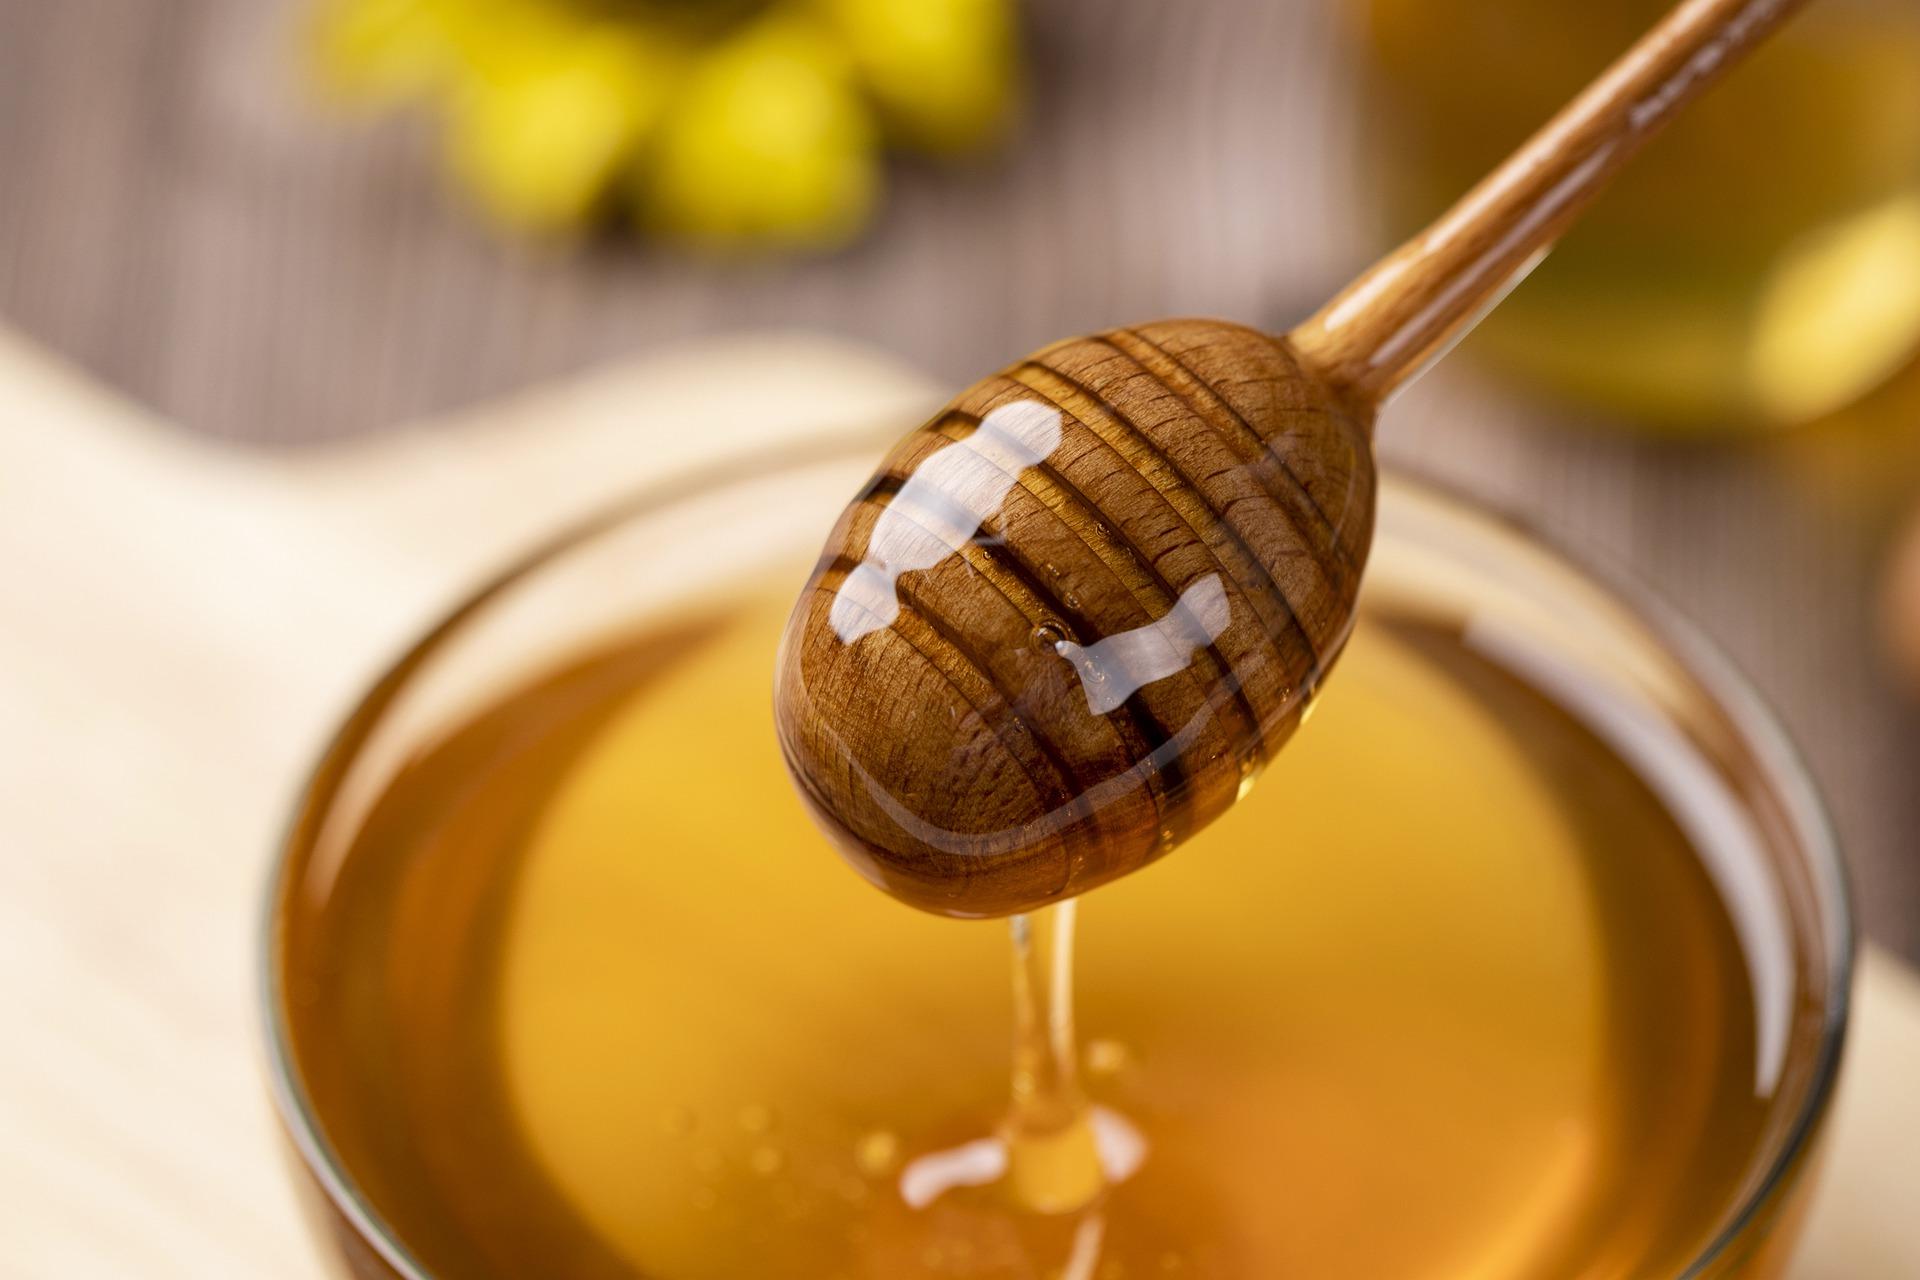 Encuentran residuos radiactivos de pruebas nucleares en muestras de miel